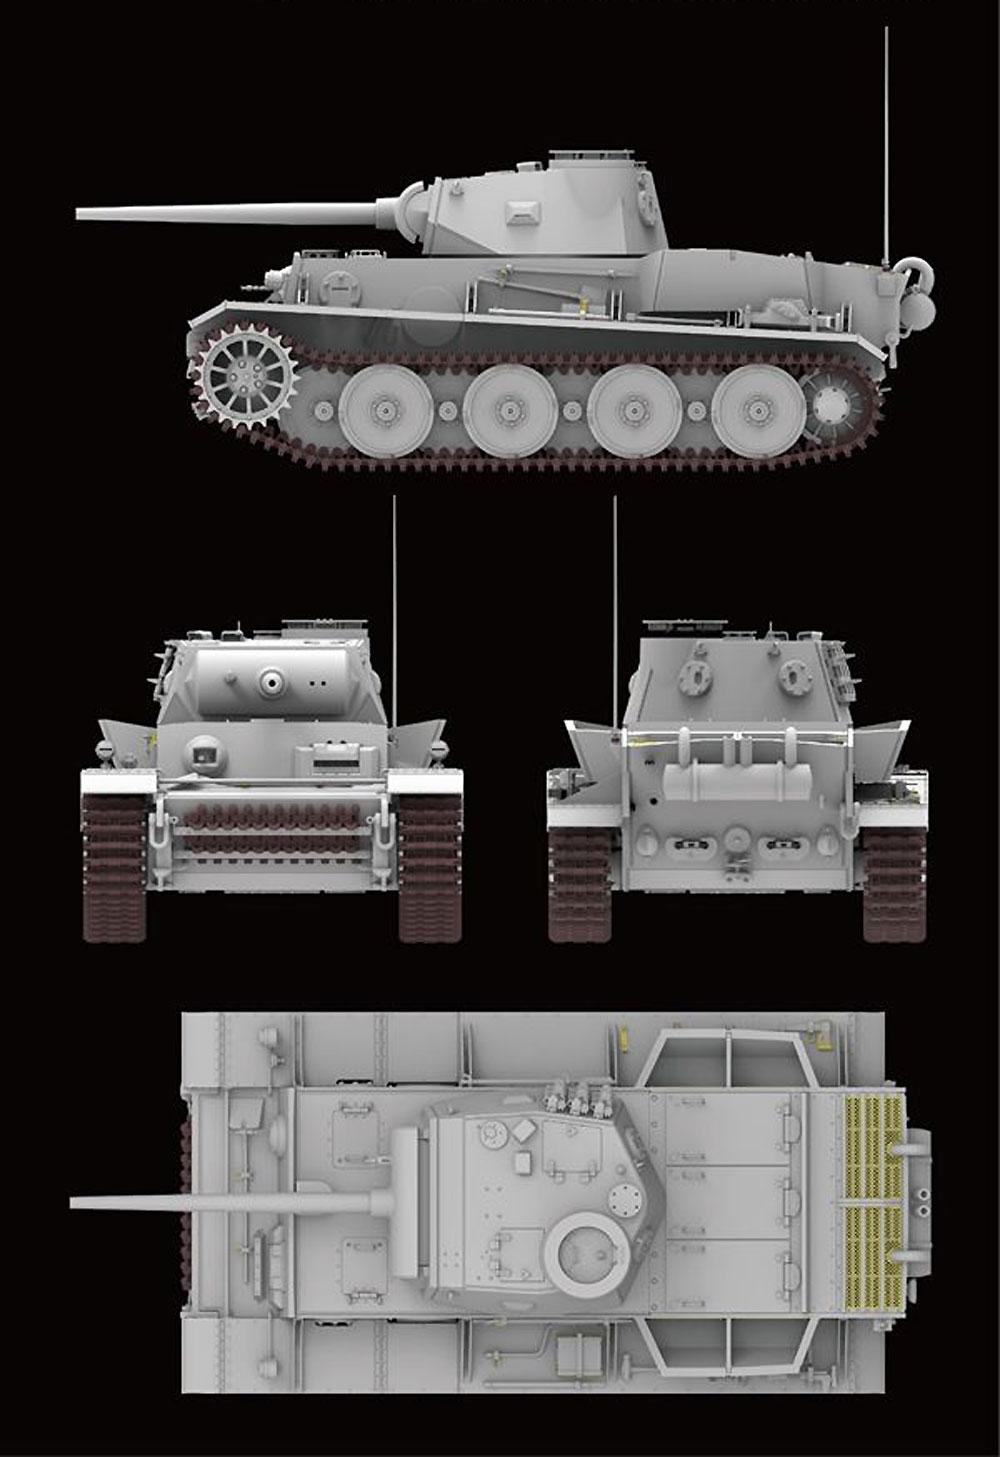 ドイツ 6号戦車 B型 (Vk36.01)プラモデル(ライ フィールド モデル1/35 Military Miniature SeriesNo.5036)商品画像_4